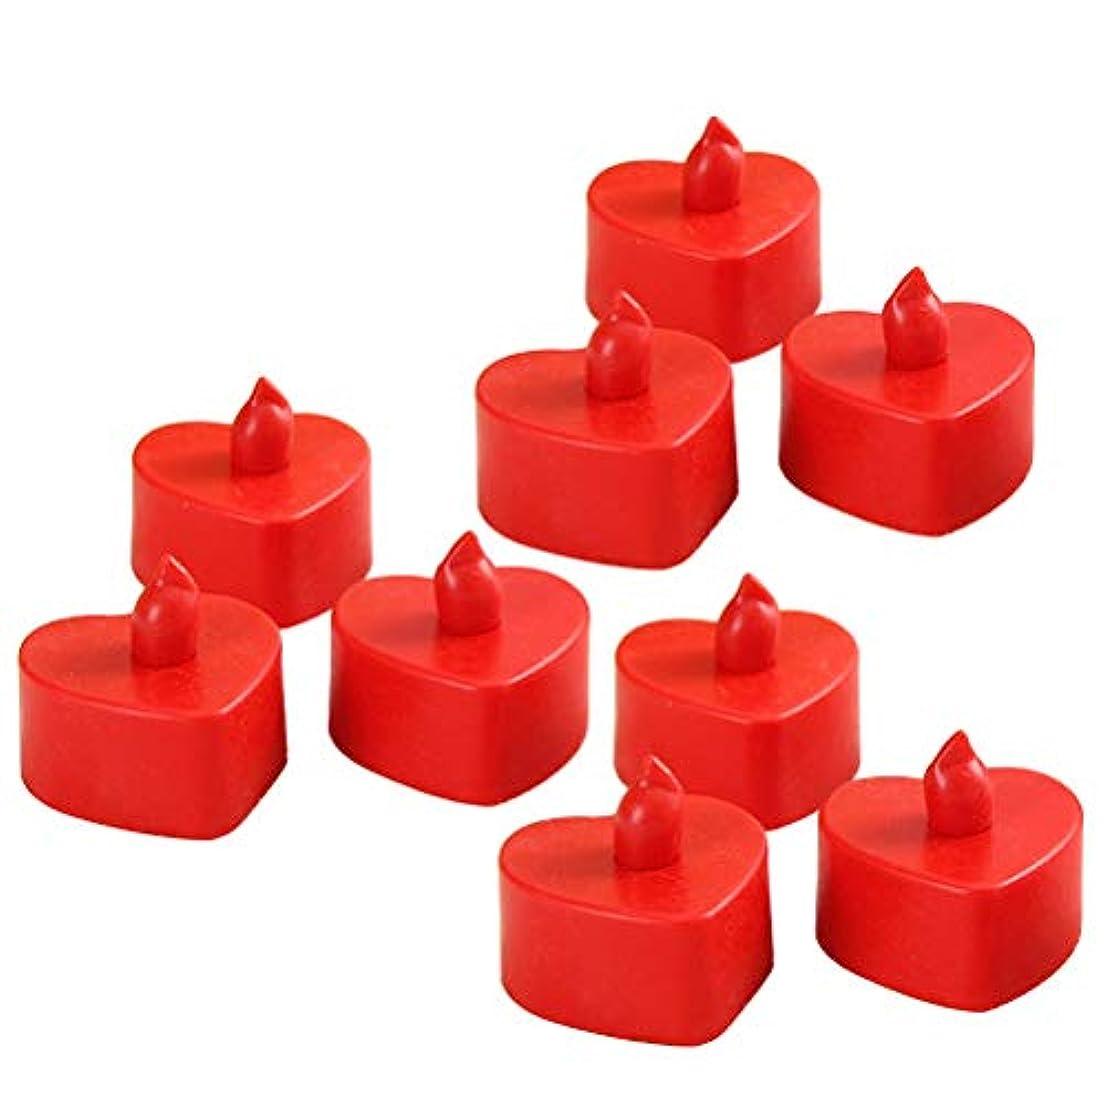 謝る脚本家ガラガラBESTOYARD 10個無炎キャンドルバッテリーは、キャンドルウェディングパーティフェスティバルの装飾(赤いシェルの赤い光)